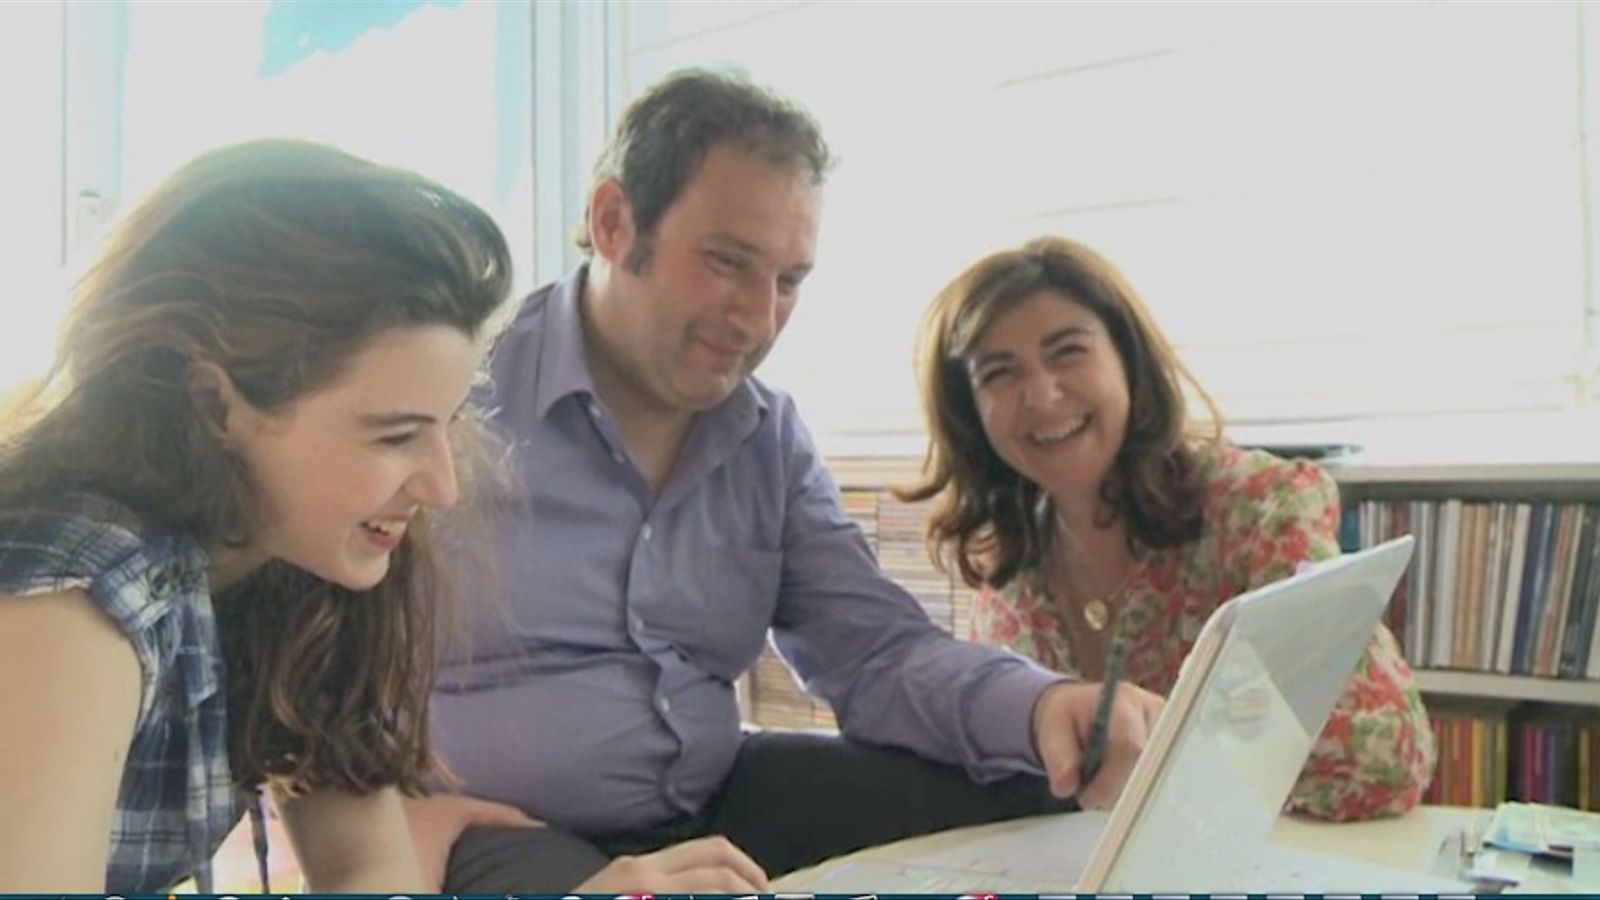 'Estic convençut': vídeo electoral del PSC, amb Jordi Hereu i família